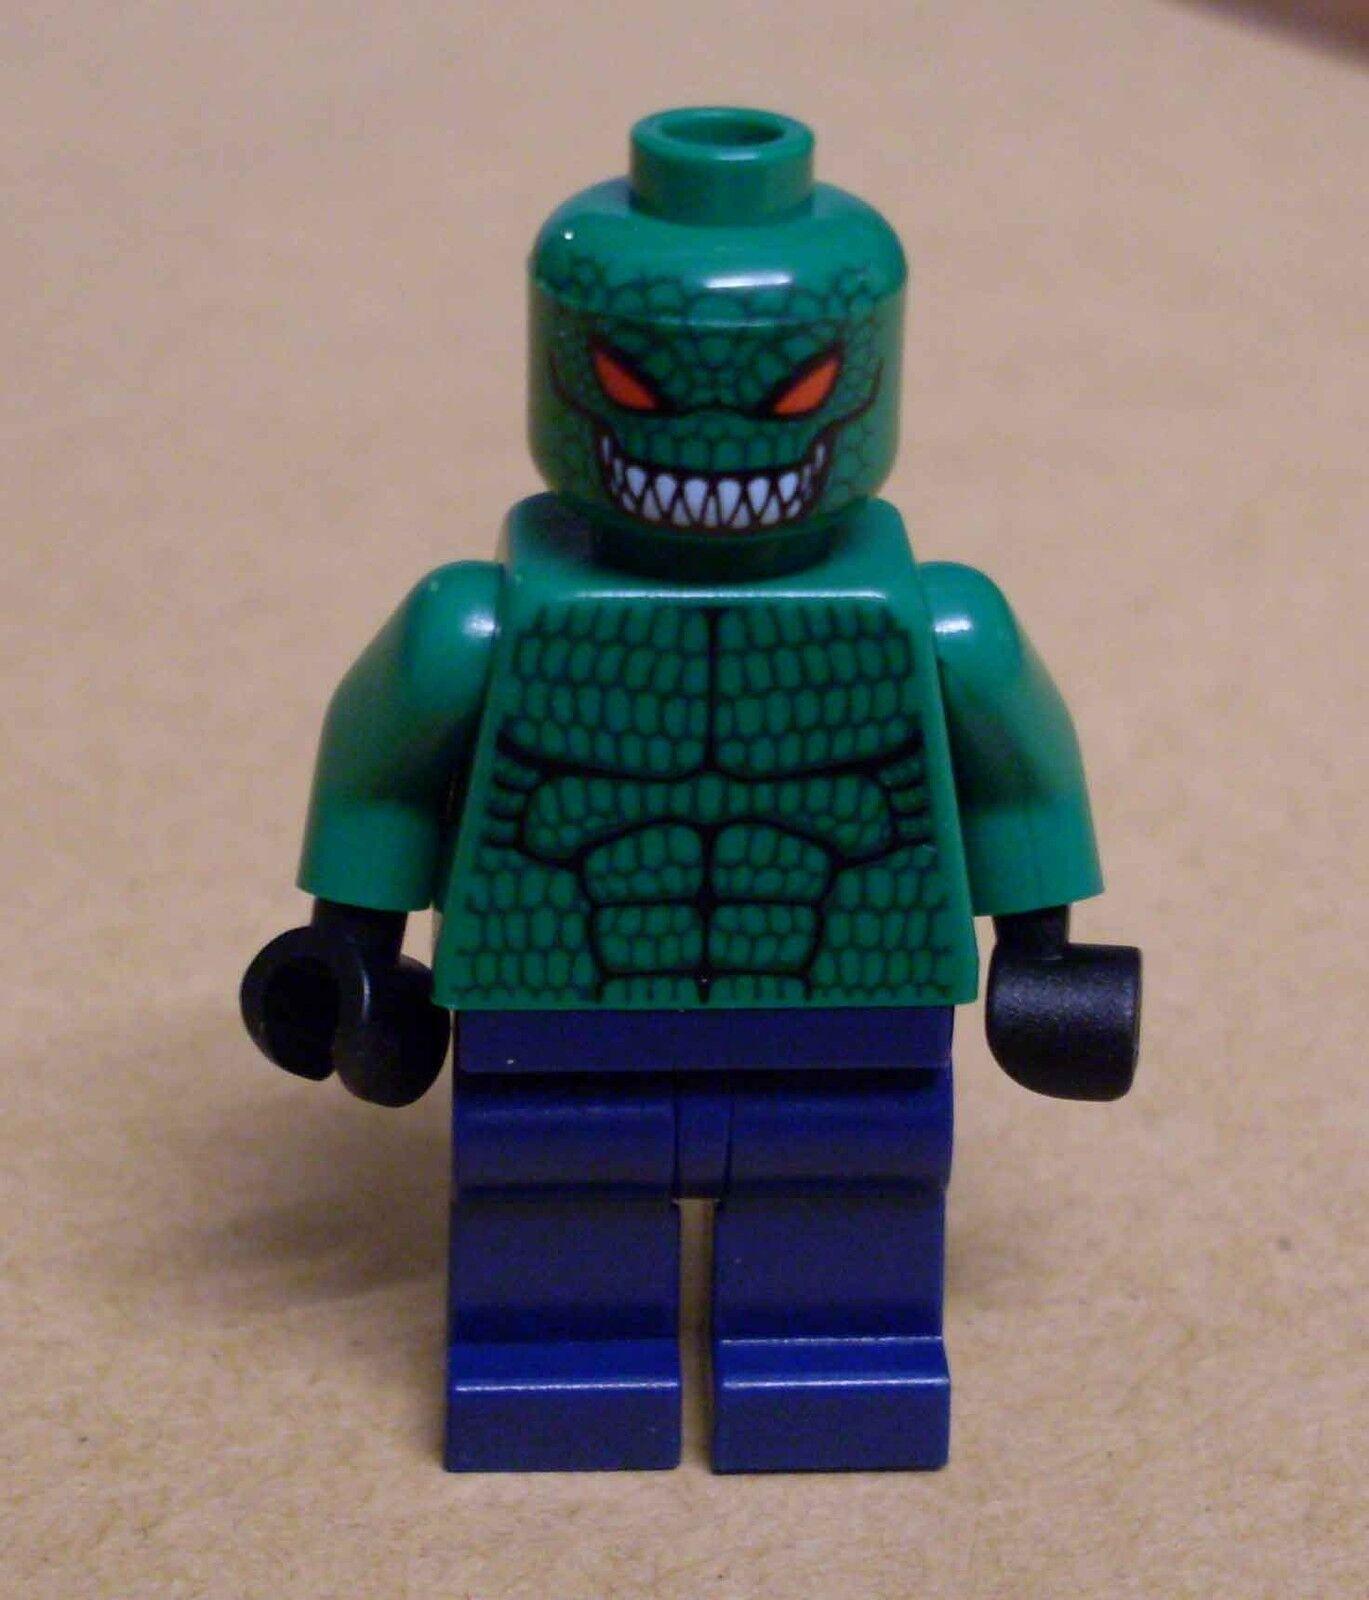 Lego Batman - Killer Croc Figur Figures Crocodile Killercroc Krok Krokodil Neu